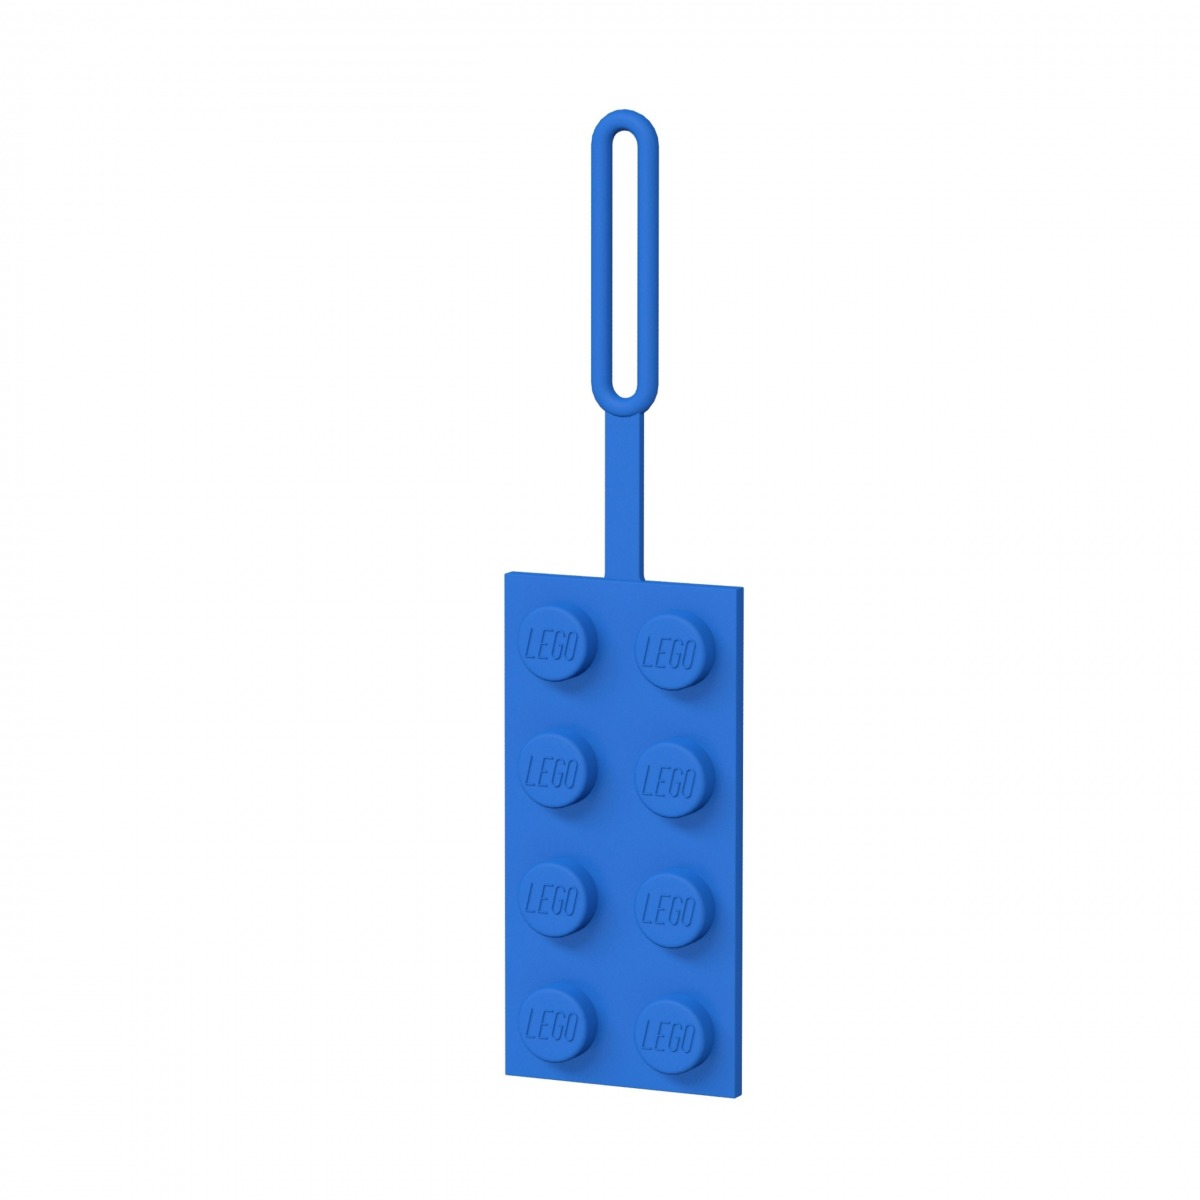 lego 5005543 bla 2x4 adresslapp scaled